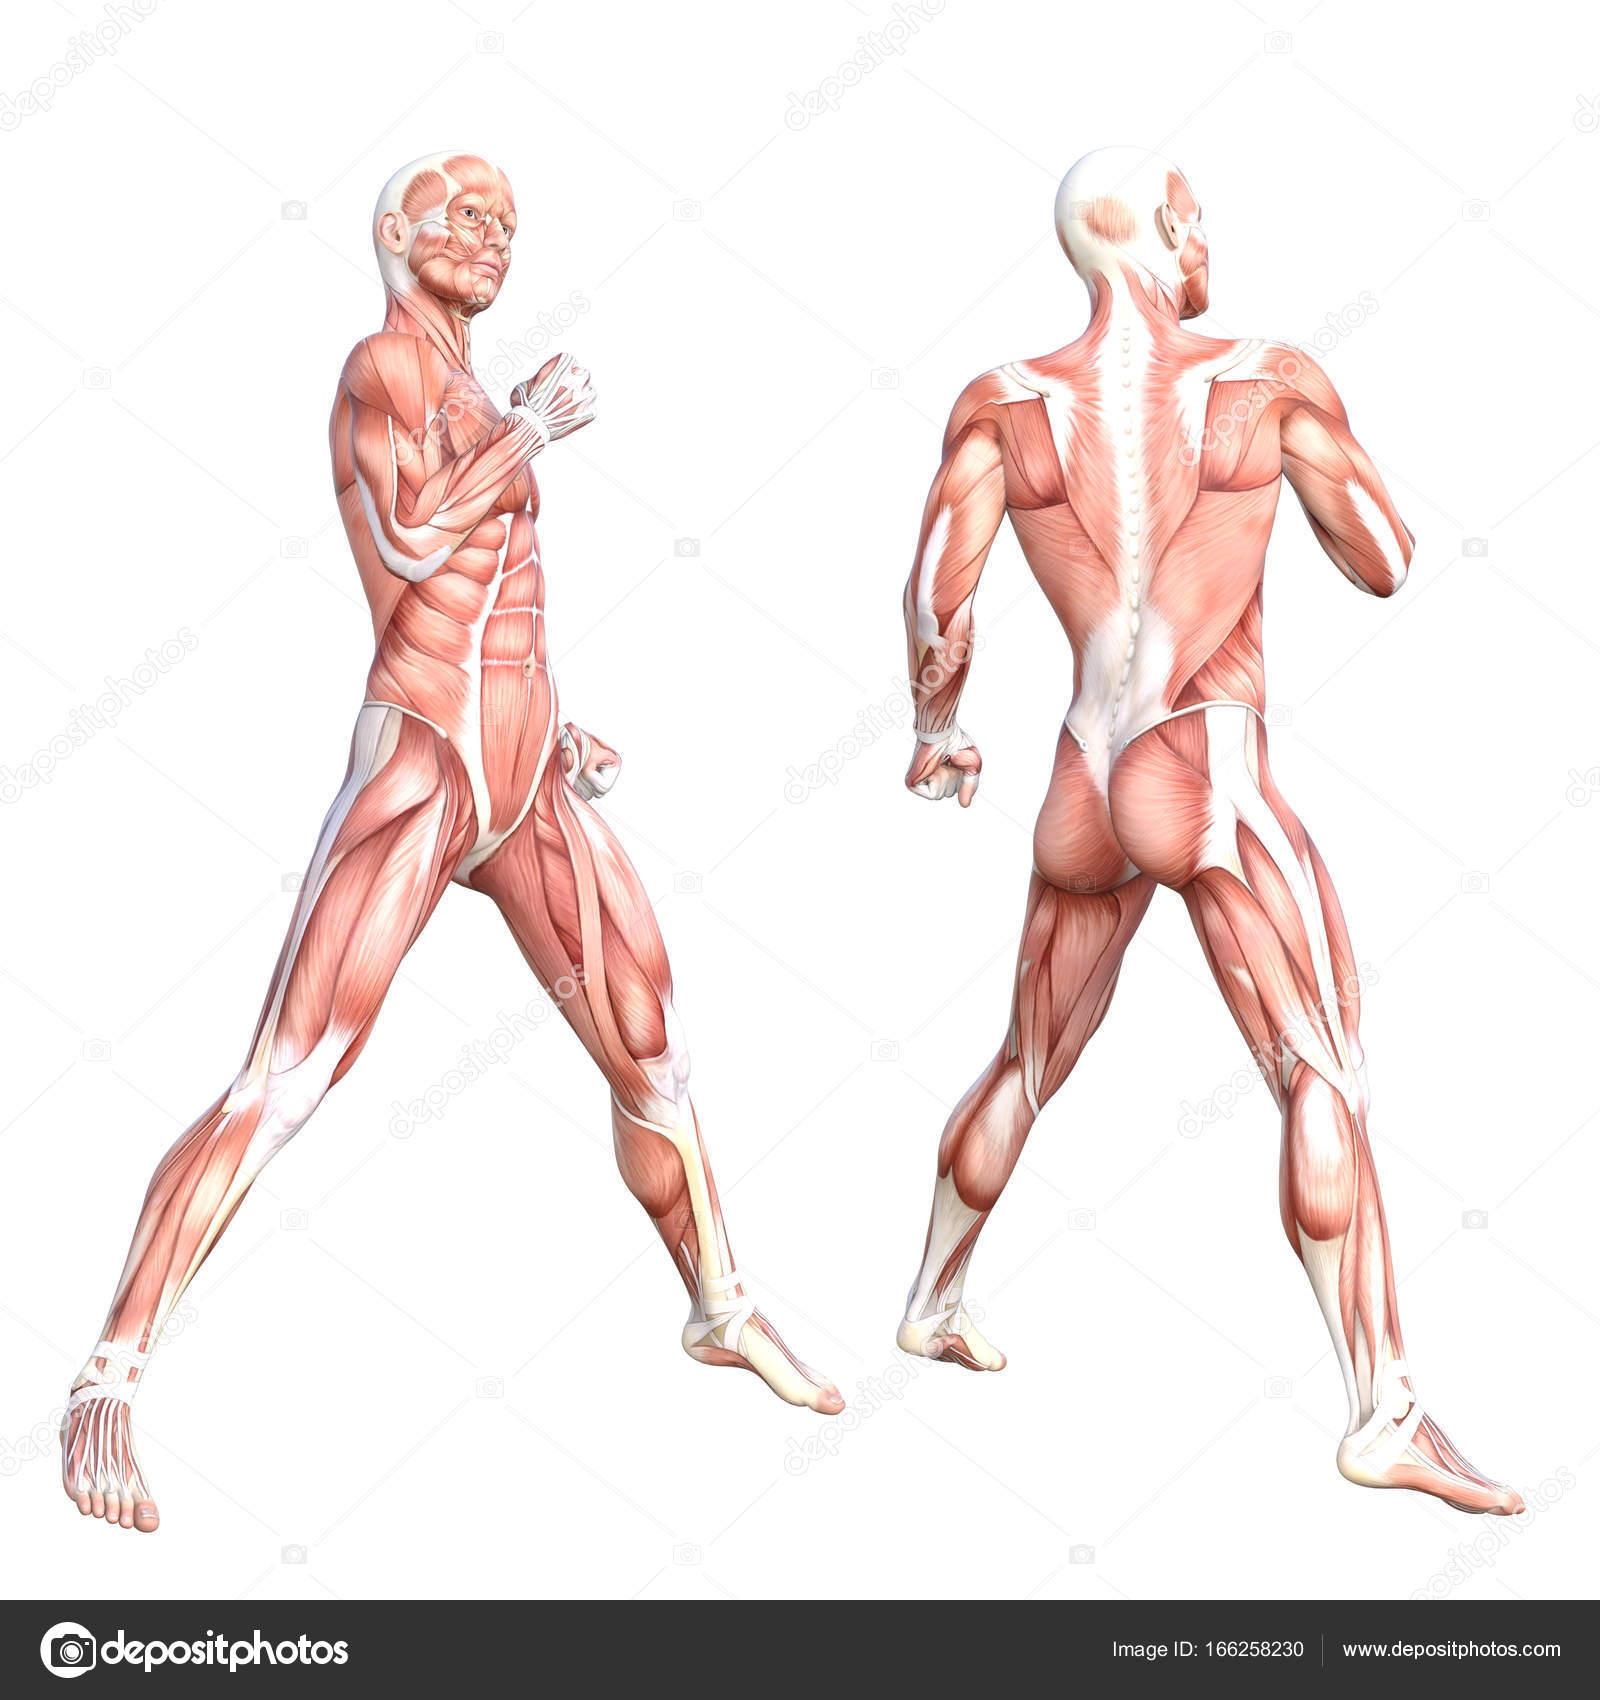 grundlegende menschliche Anatomie — Stockfoto © design36 #166258230